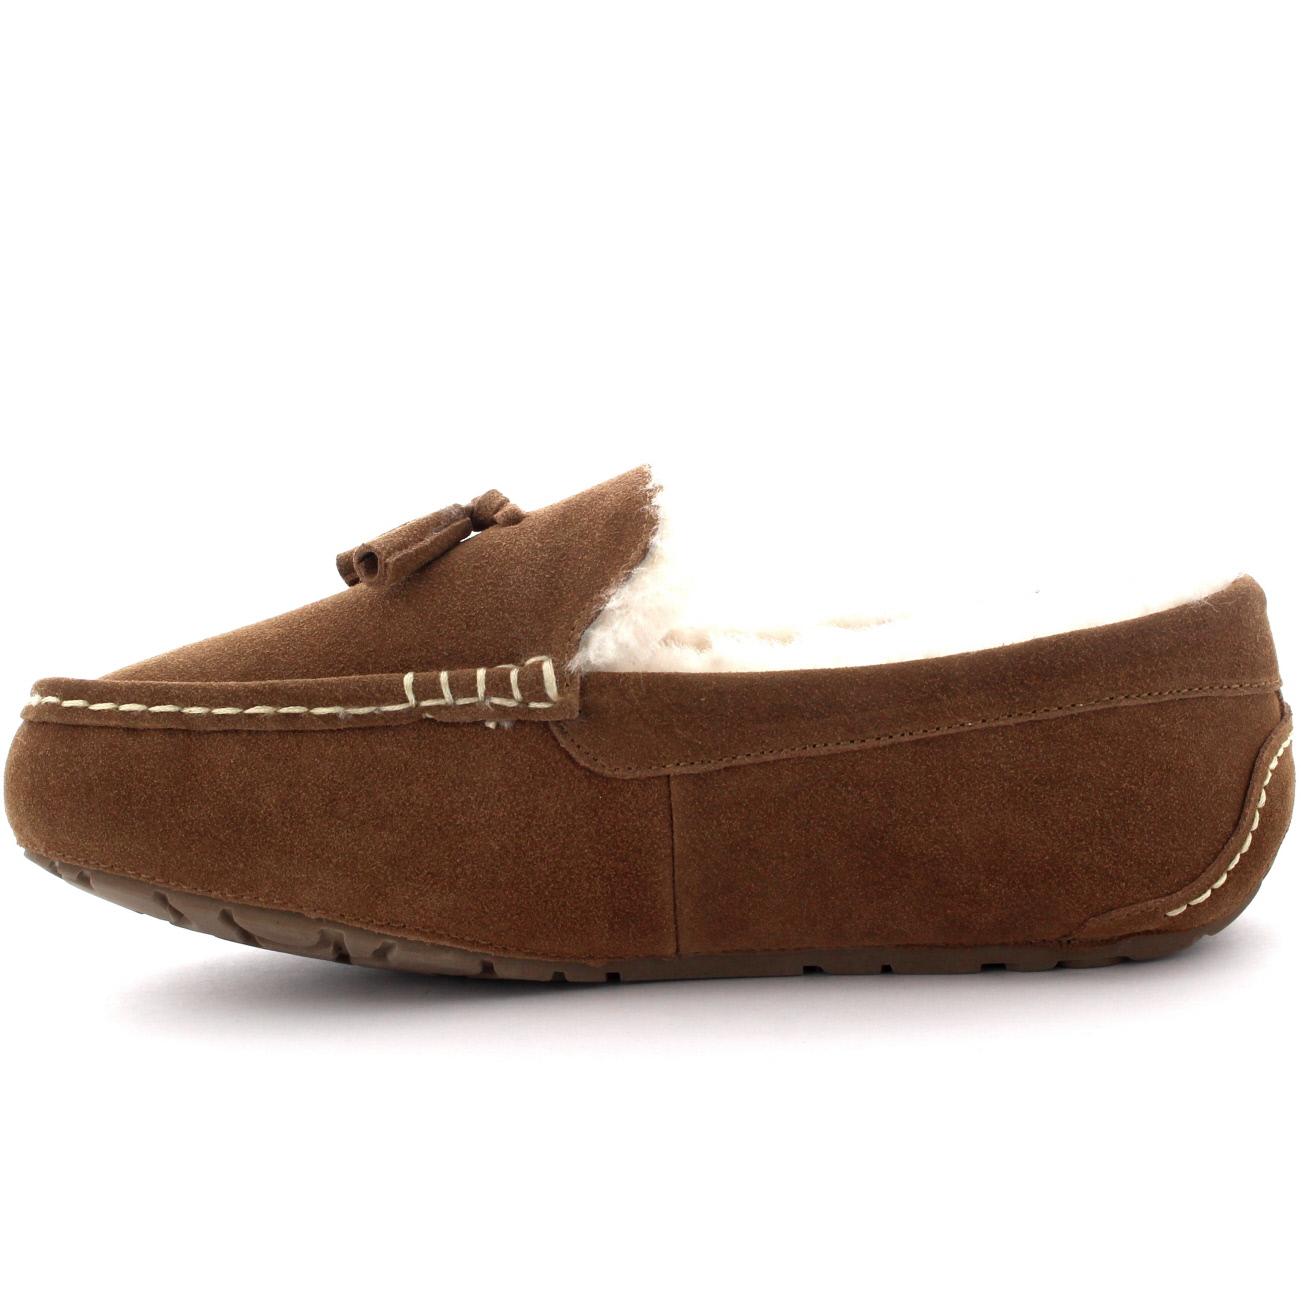 Mens Tassel Slipper Shoes